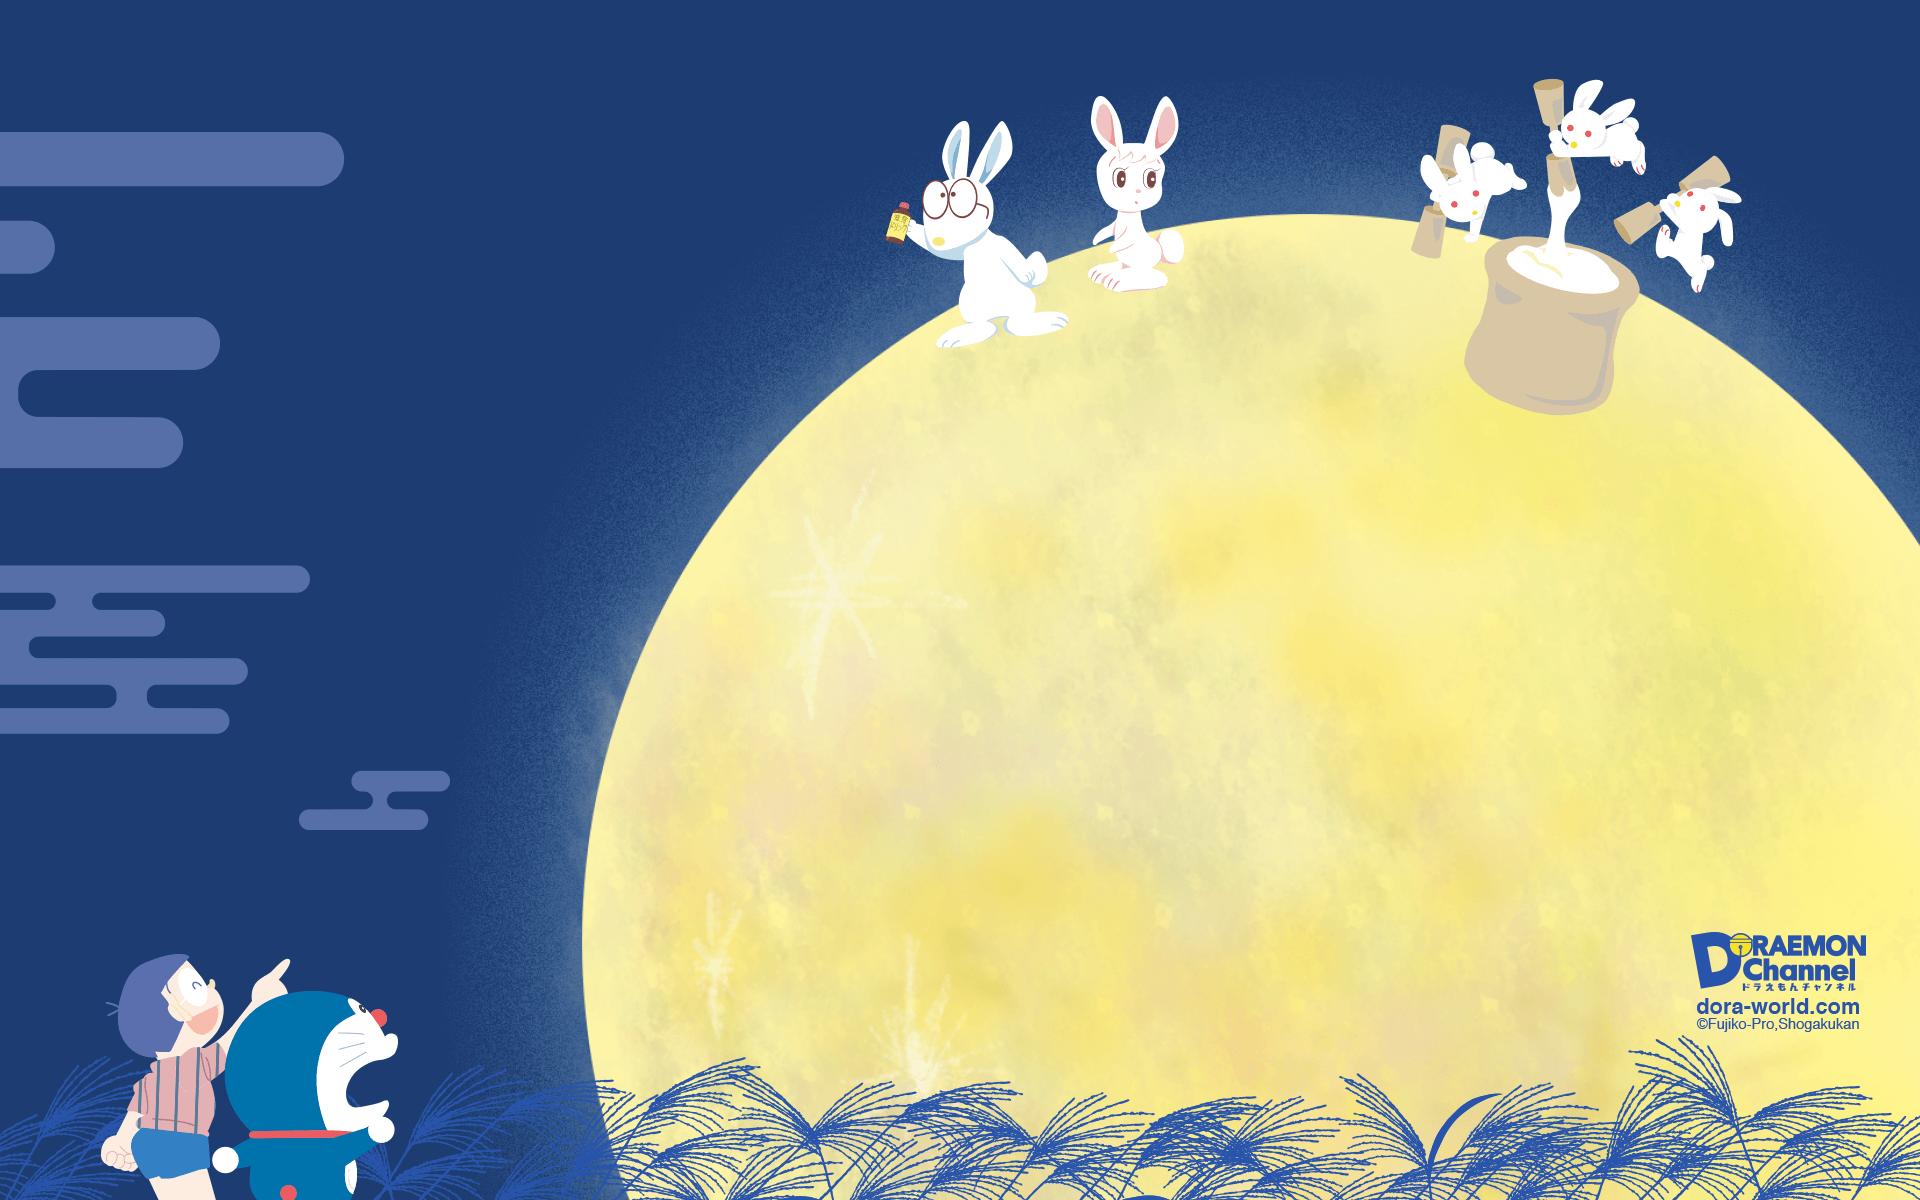 お月見風ドラえもん壁紙